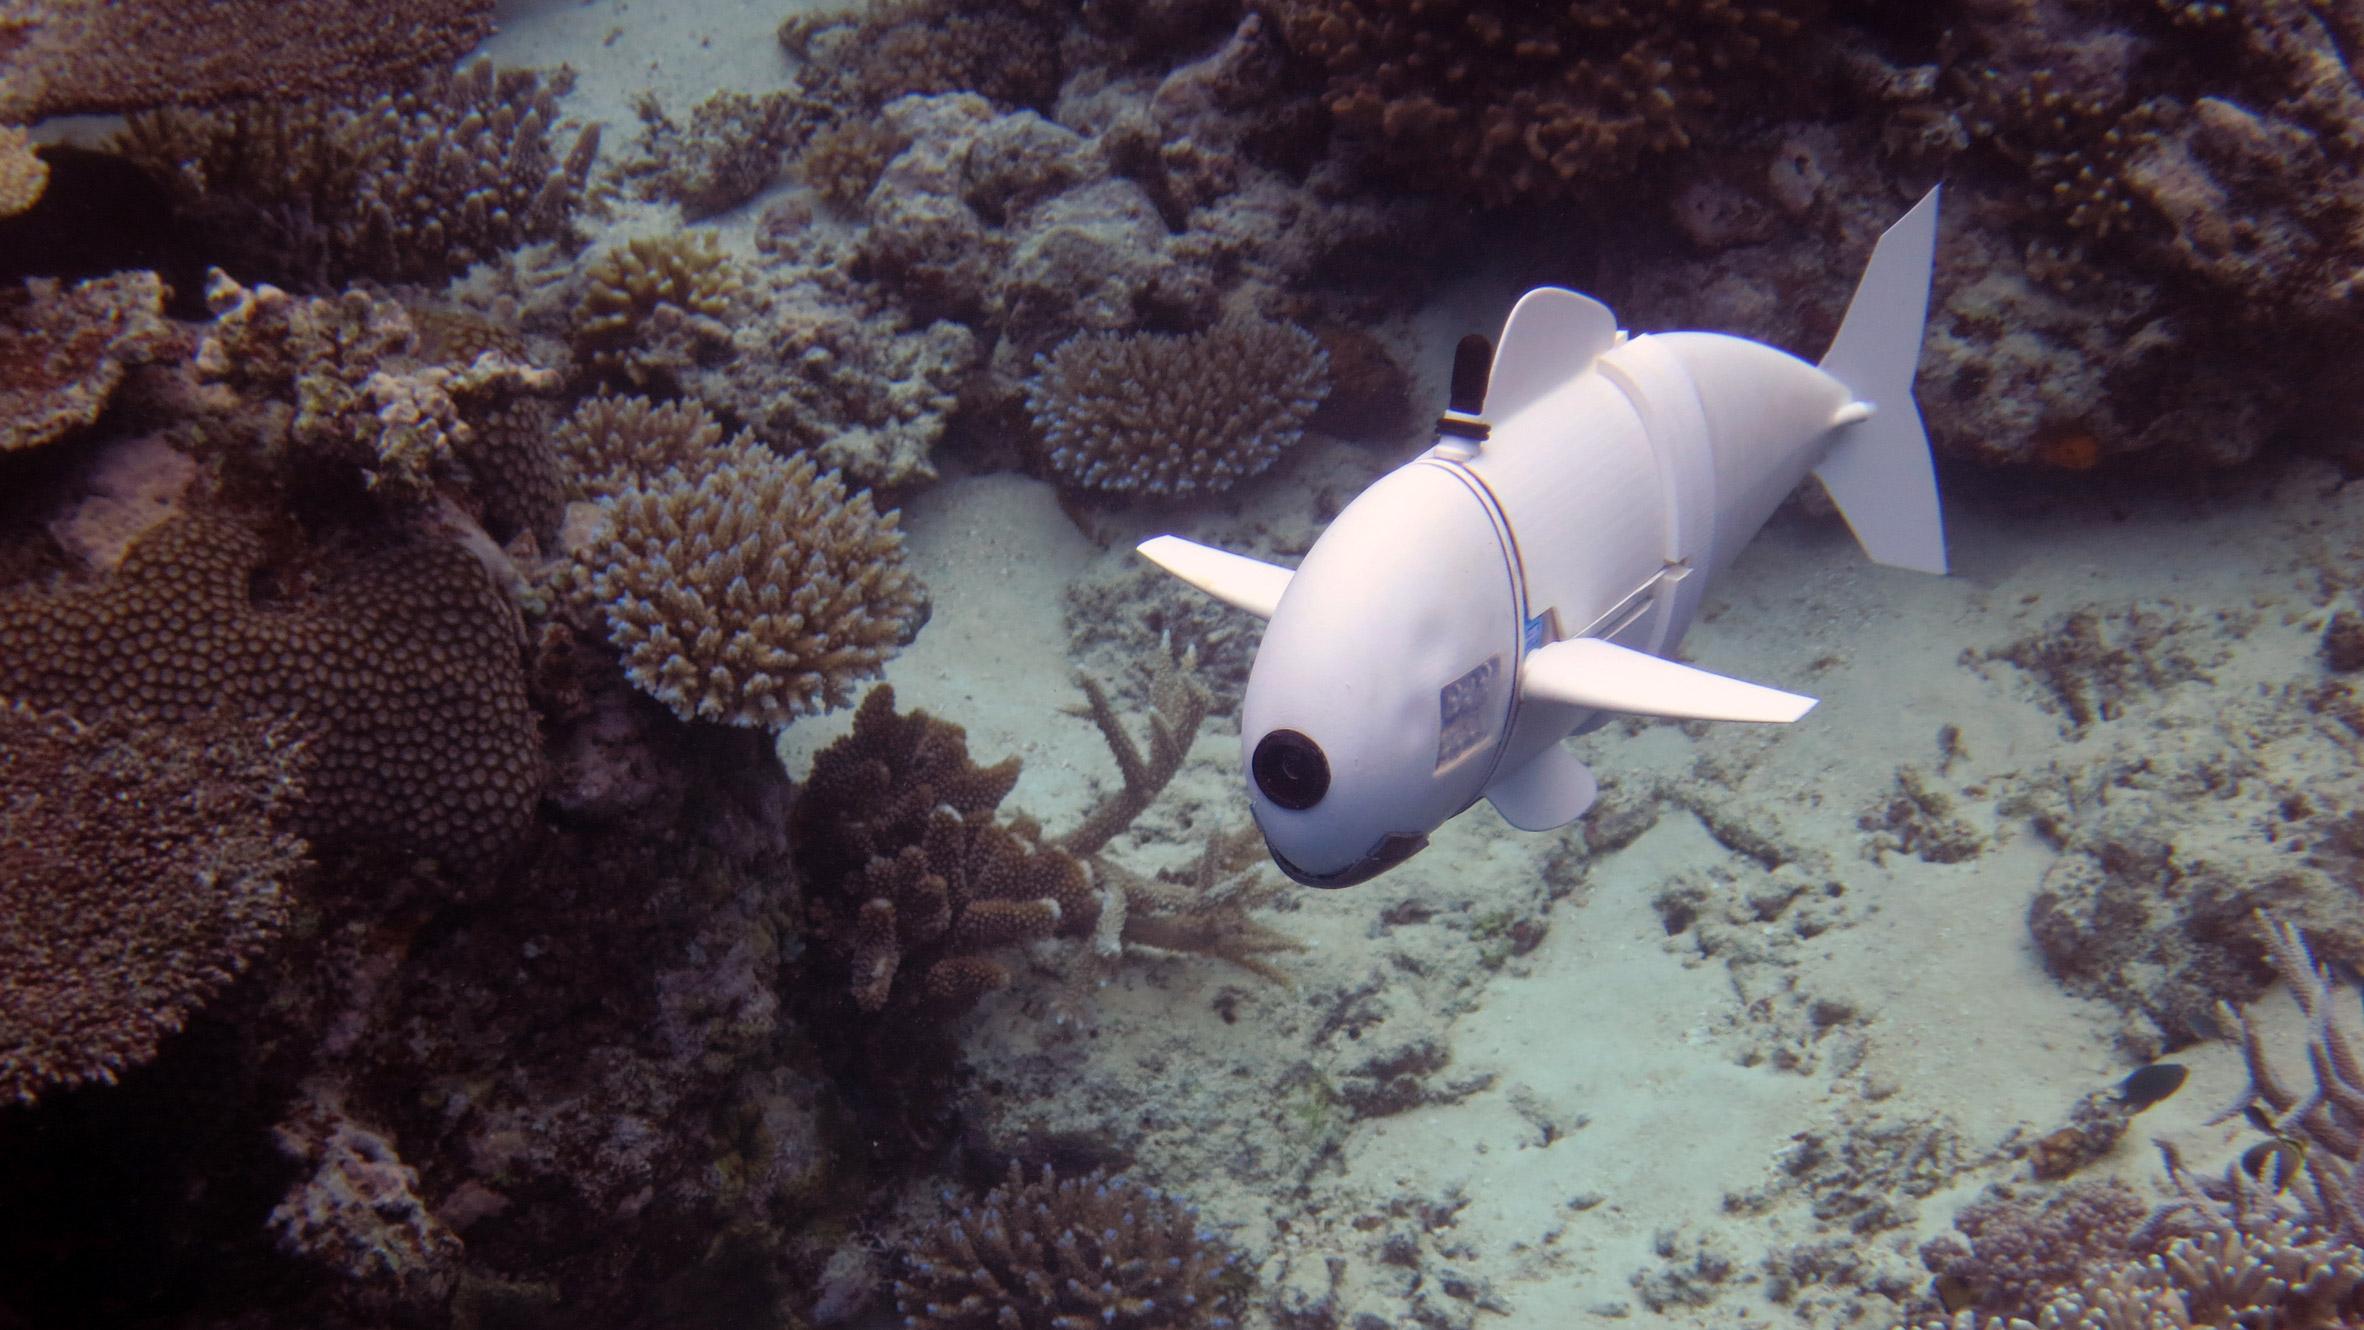 mit-robotic-fish-design_dezeen_2364_hero-1